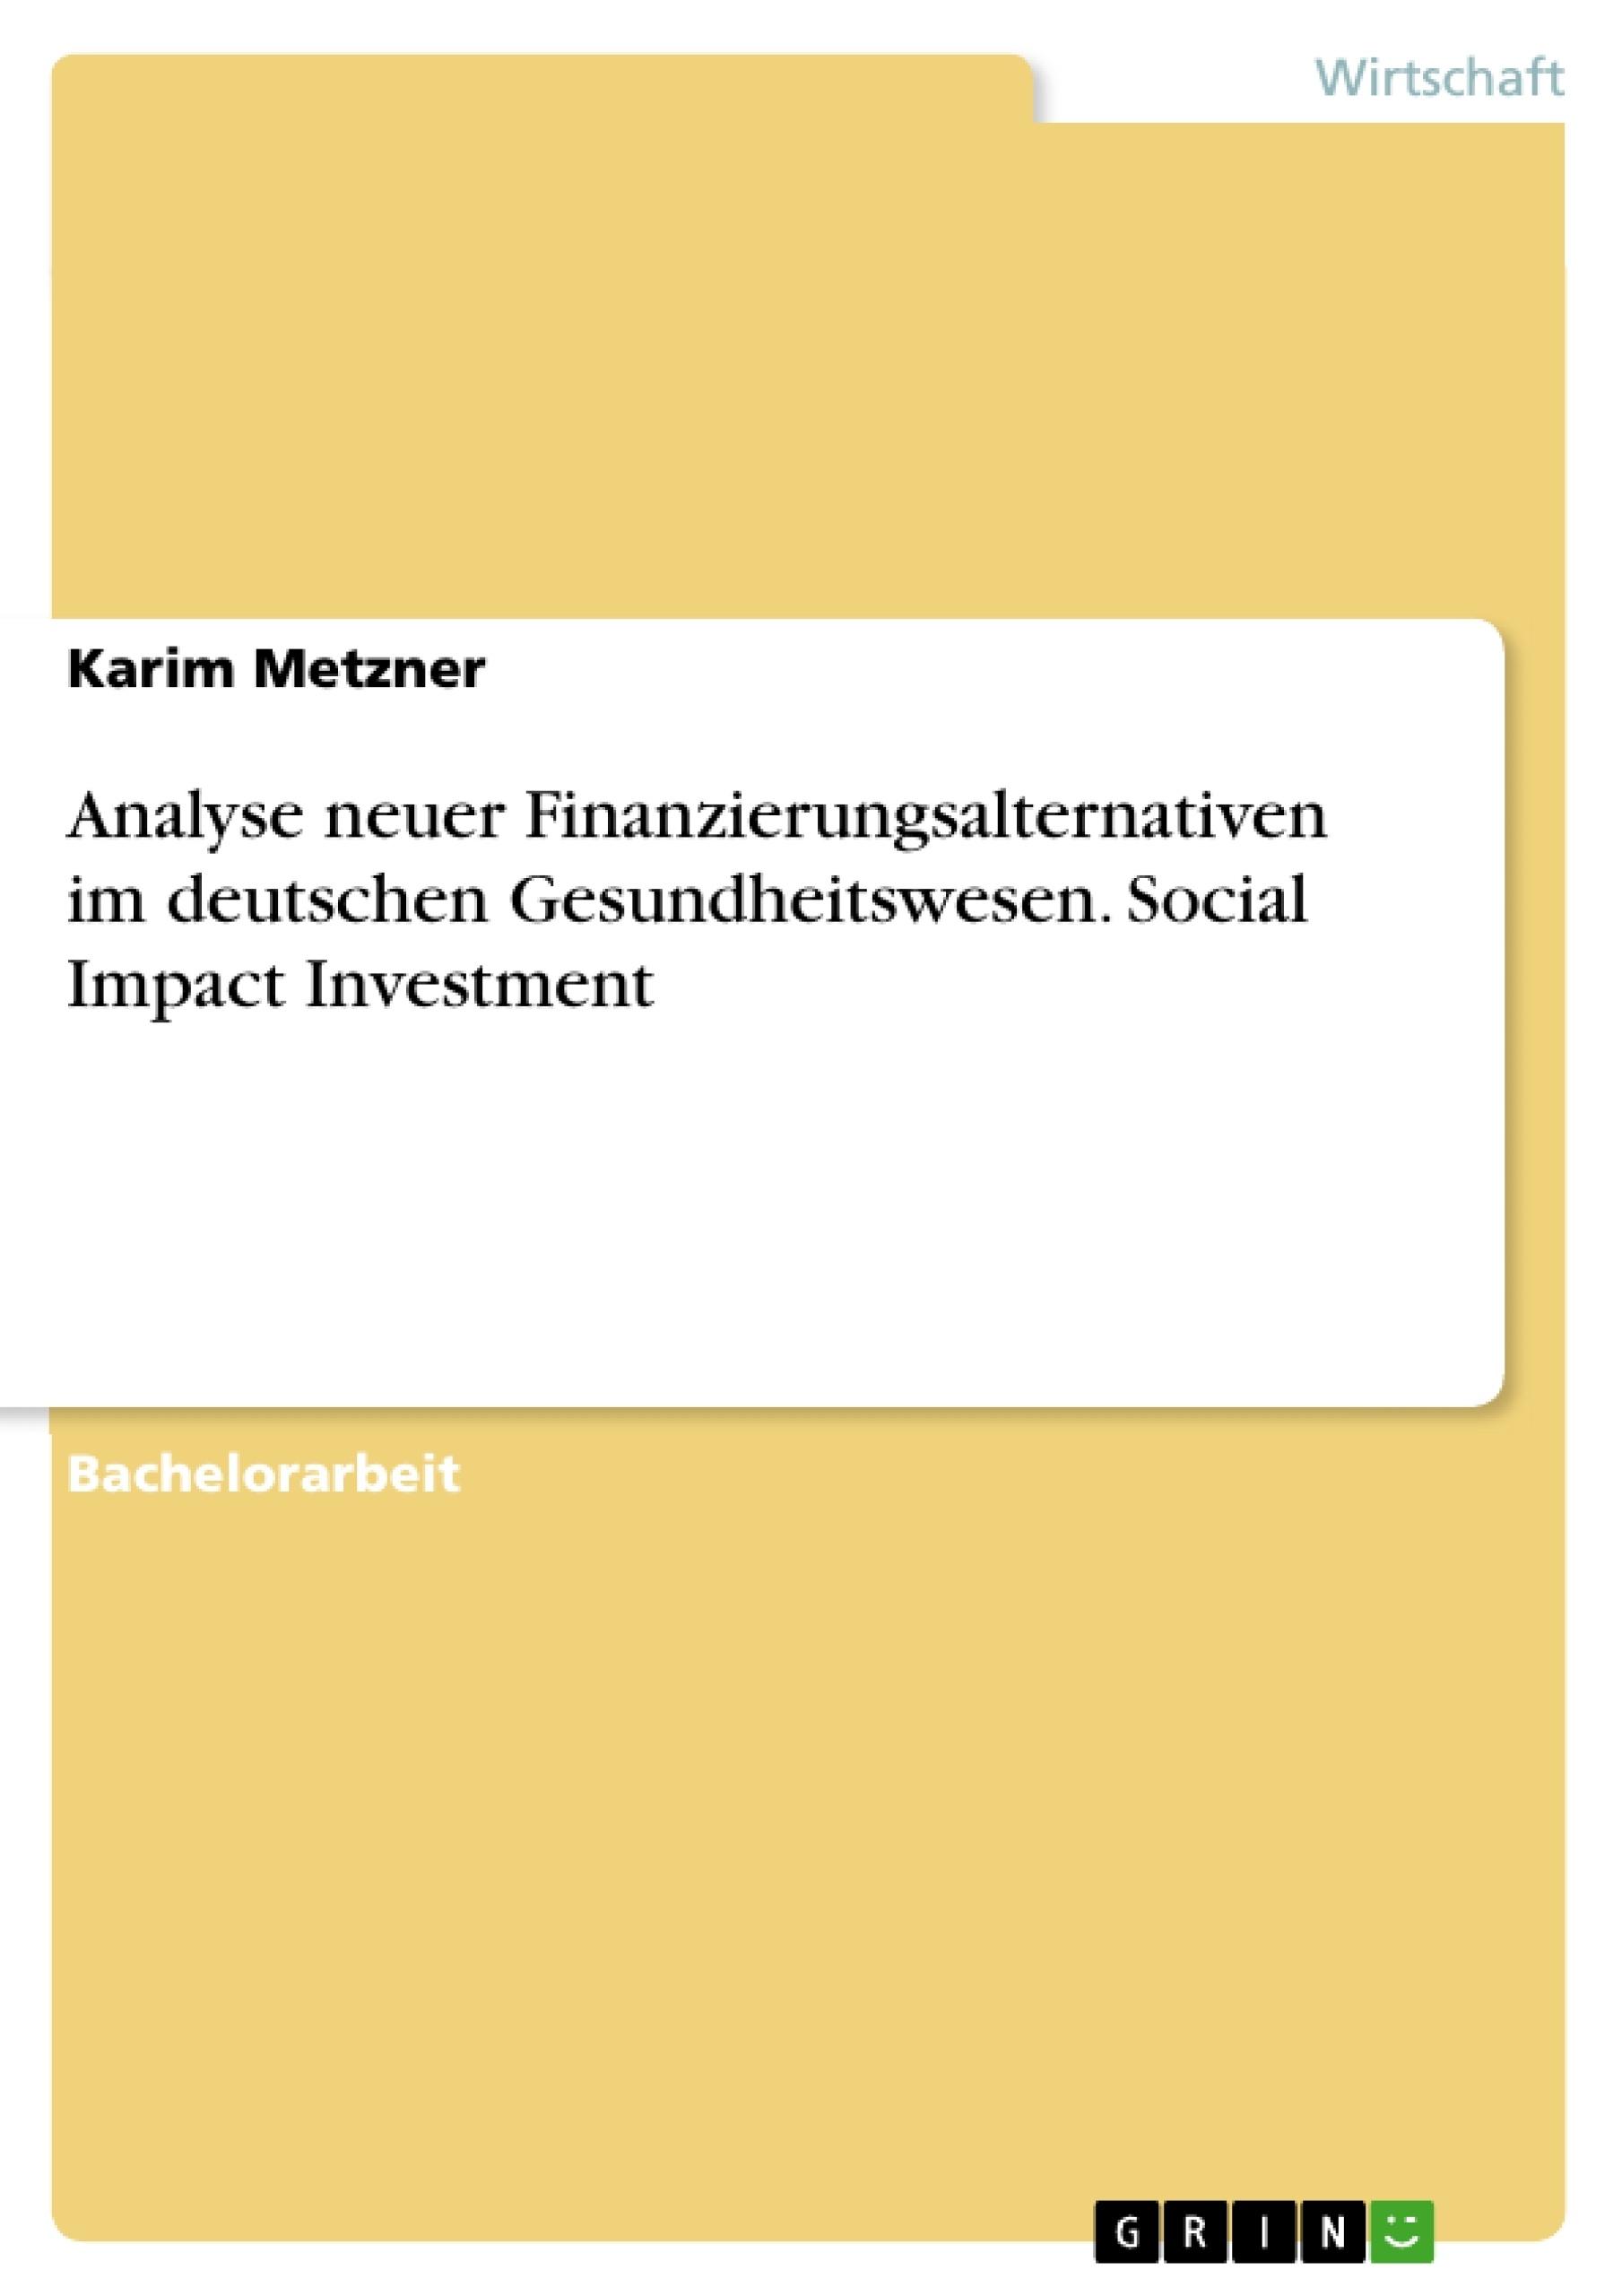 Titel: Analyse neuer Finanzierungsalternativen im deutschen Gesundheitswesen. Social Impact Investment